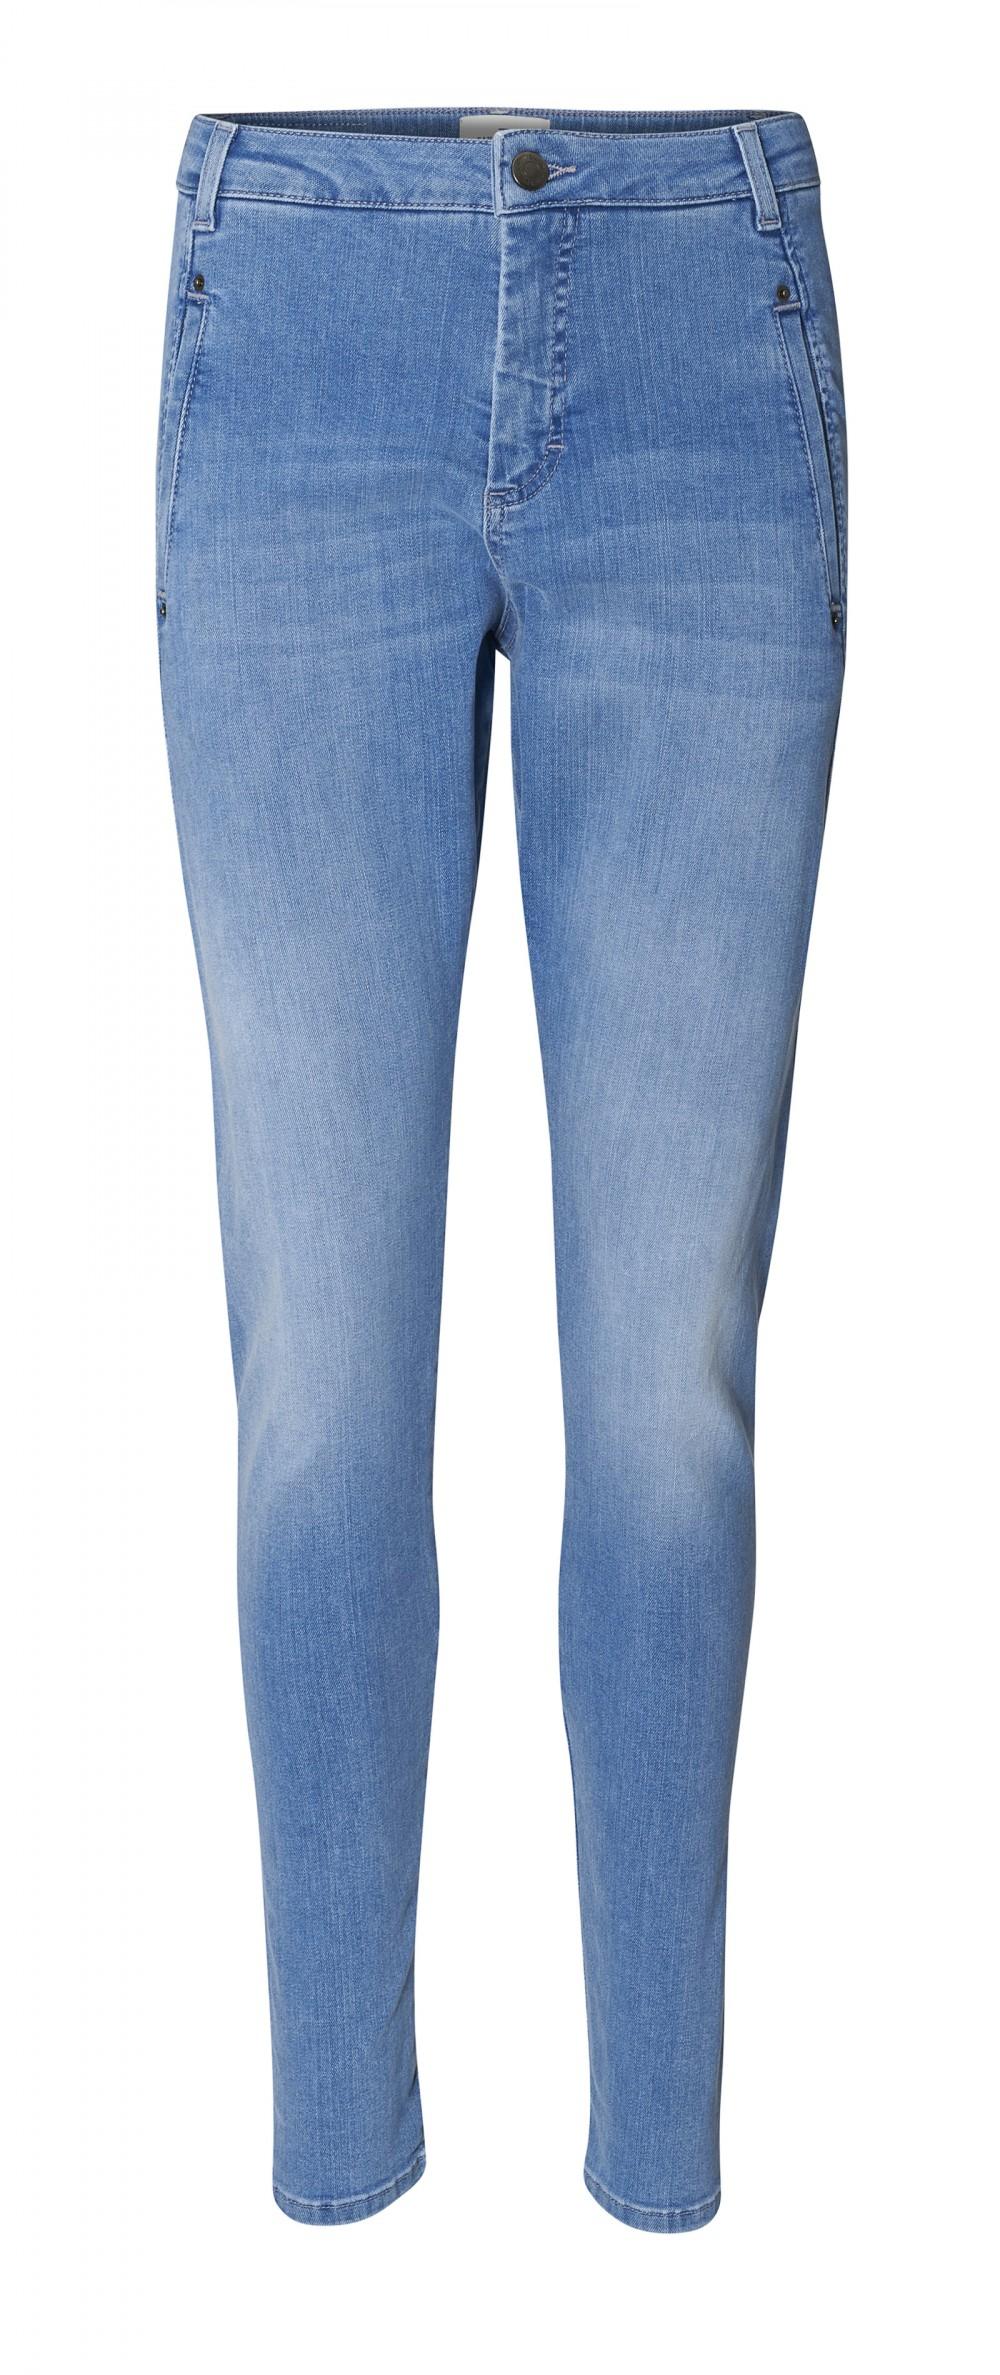 Fiveunits Jolie Kansas lys blå jeans